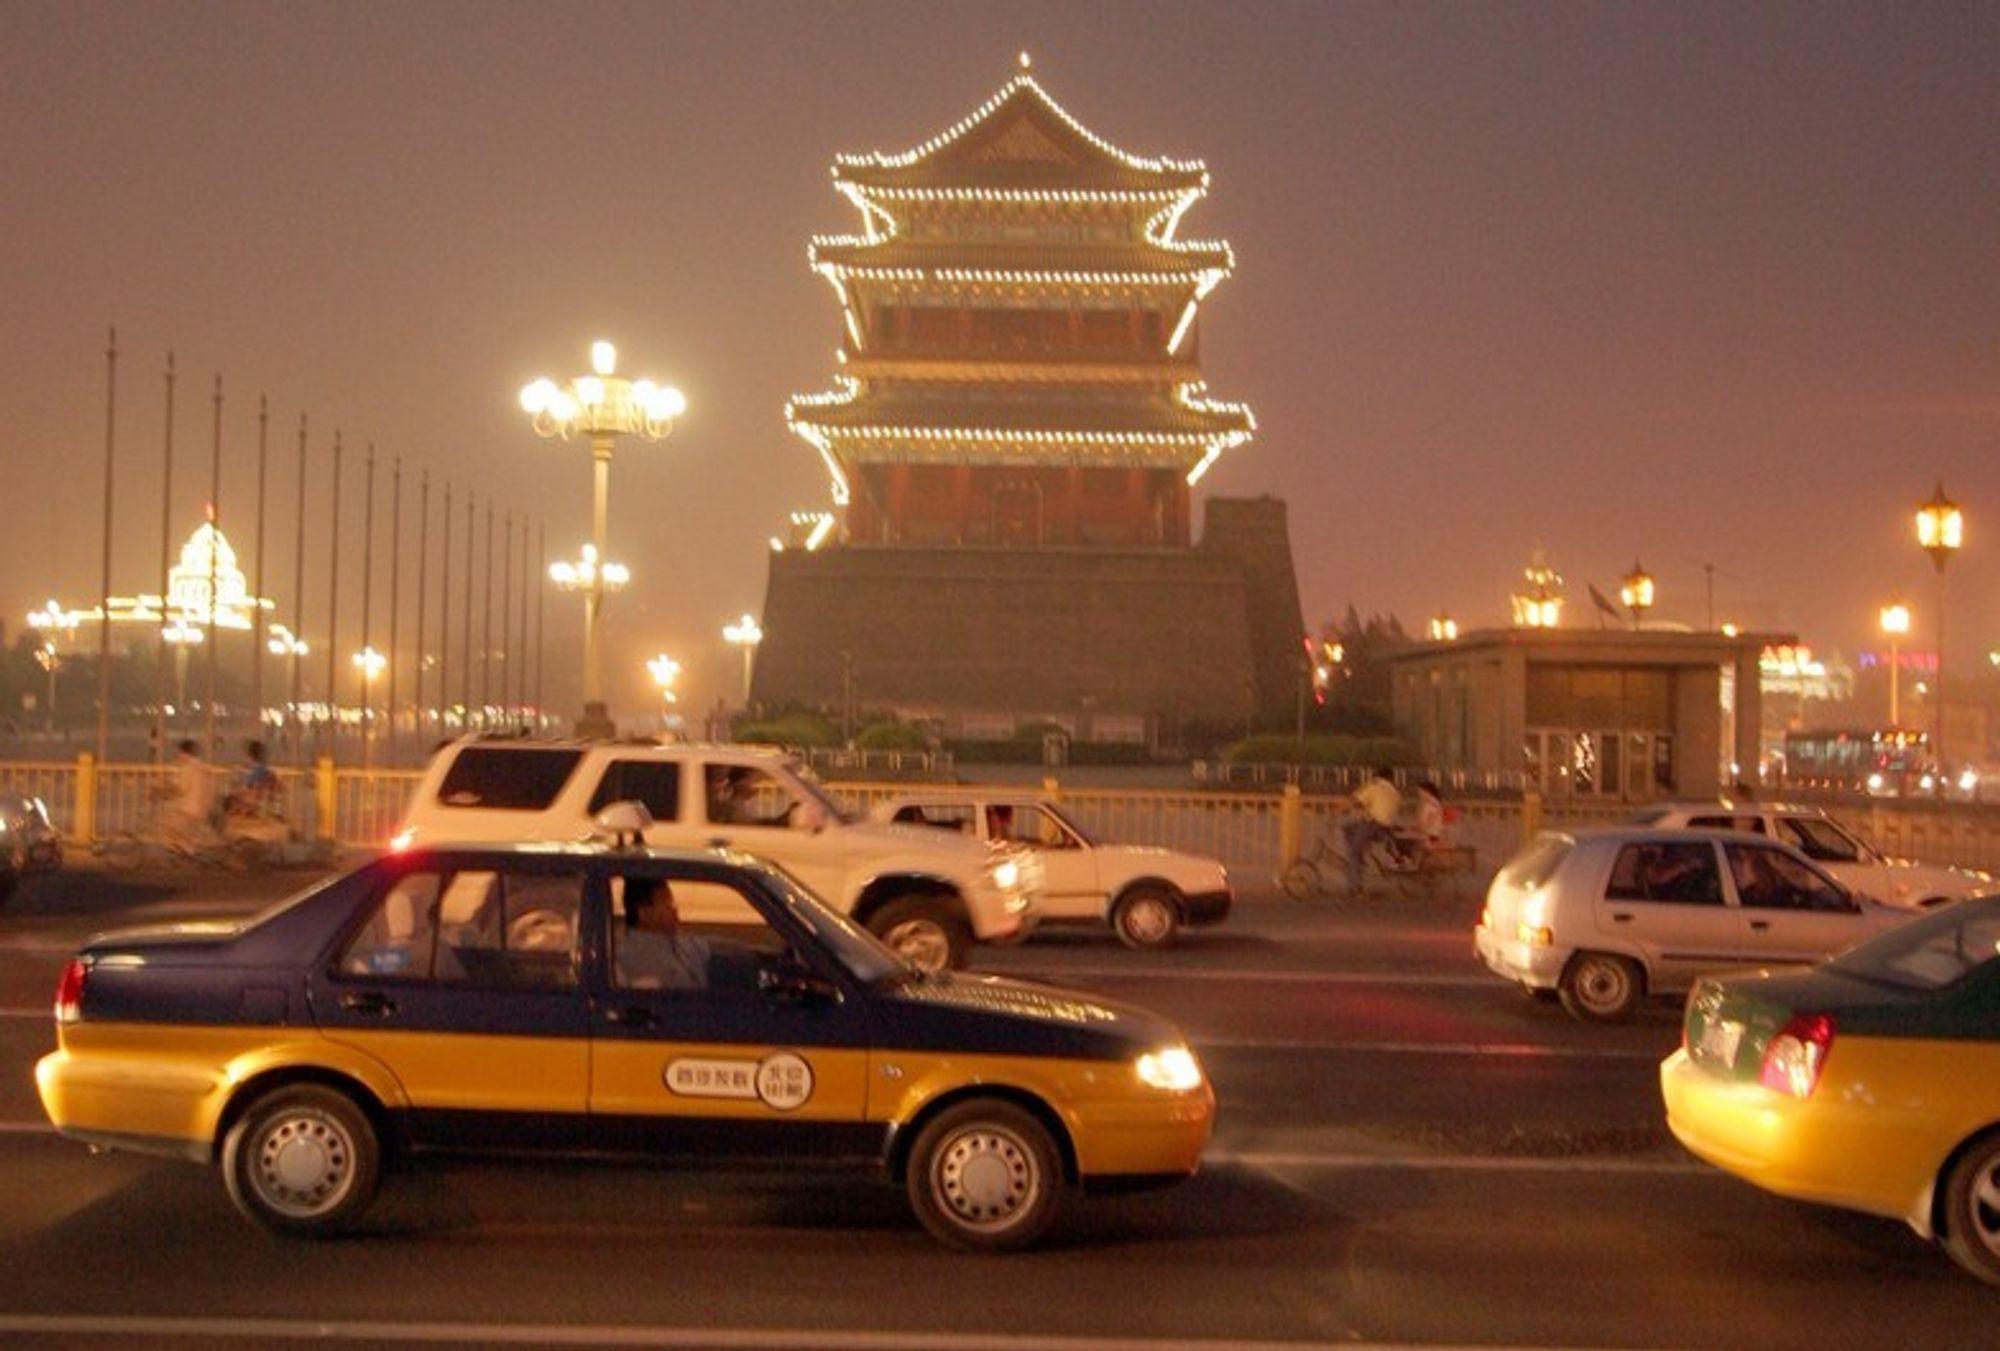 Biltrafikken i Beijing har blitt tettere og tettere i takt med velstandsøkningen. For å sikre bedre luft og fremkommelighet under OL i august, innføres restriksjoner på biltrafikken. Annen hver dag tillates biler med likt og ulikt siste-siffer i regsitreringsnummeret. Taxier er unntatt.